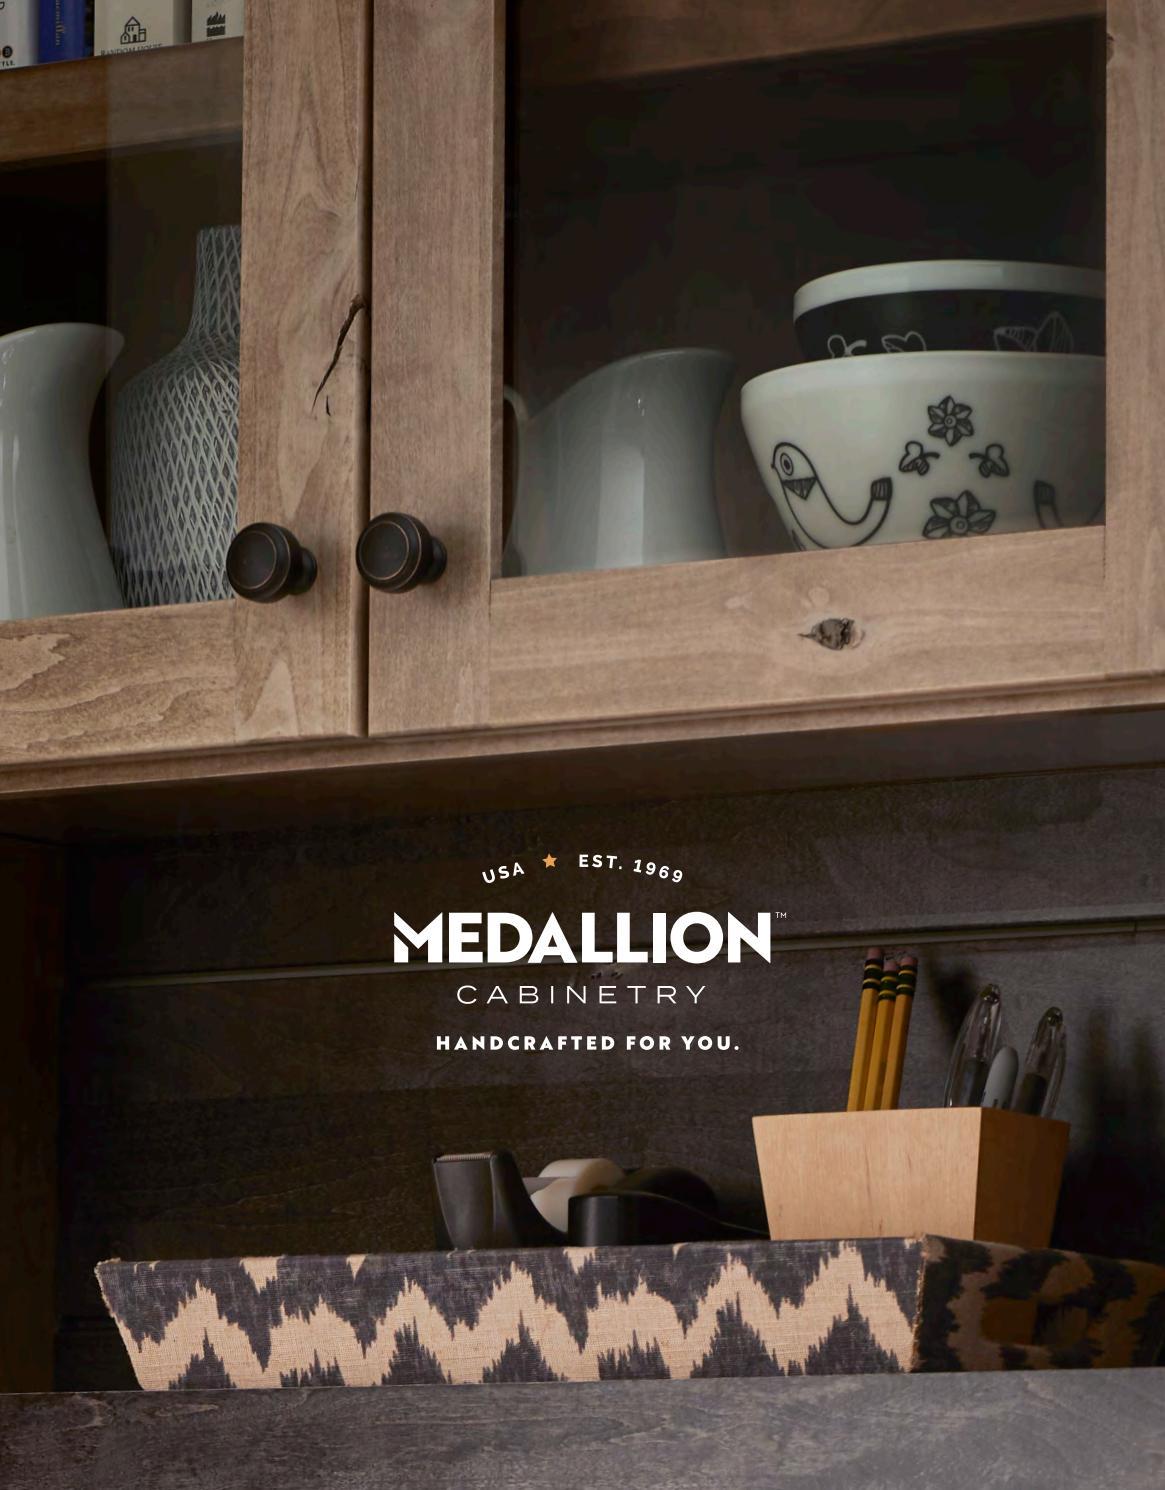 Medallion Cabinetry At Menards R 2018